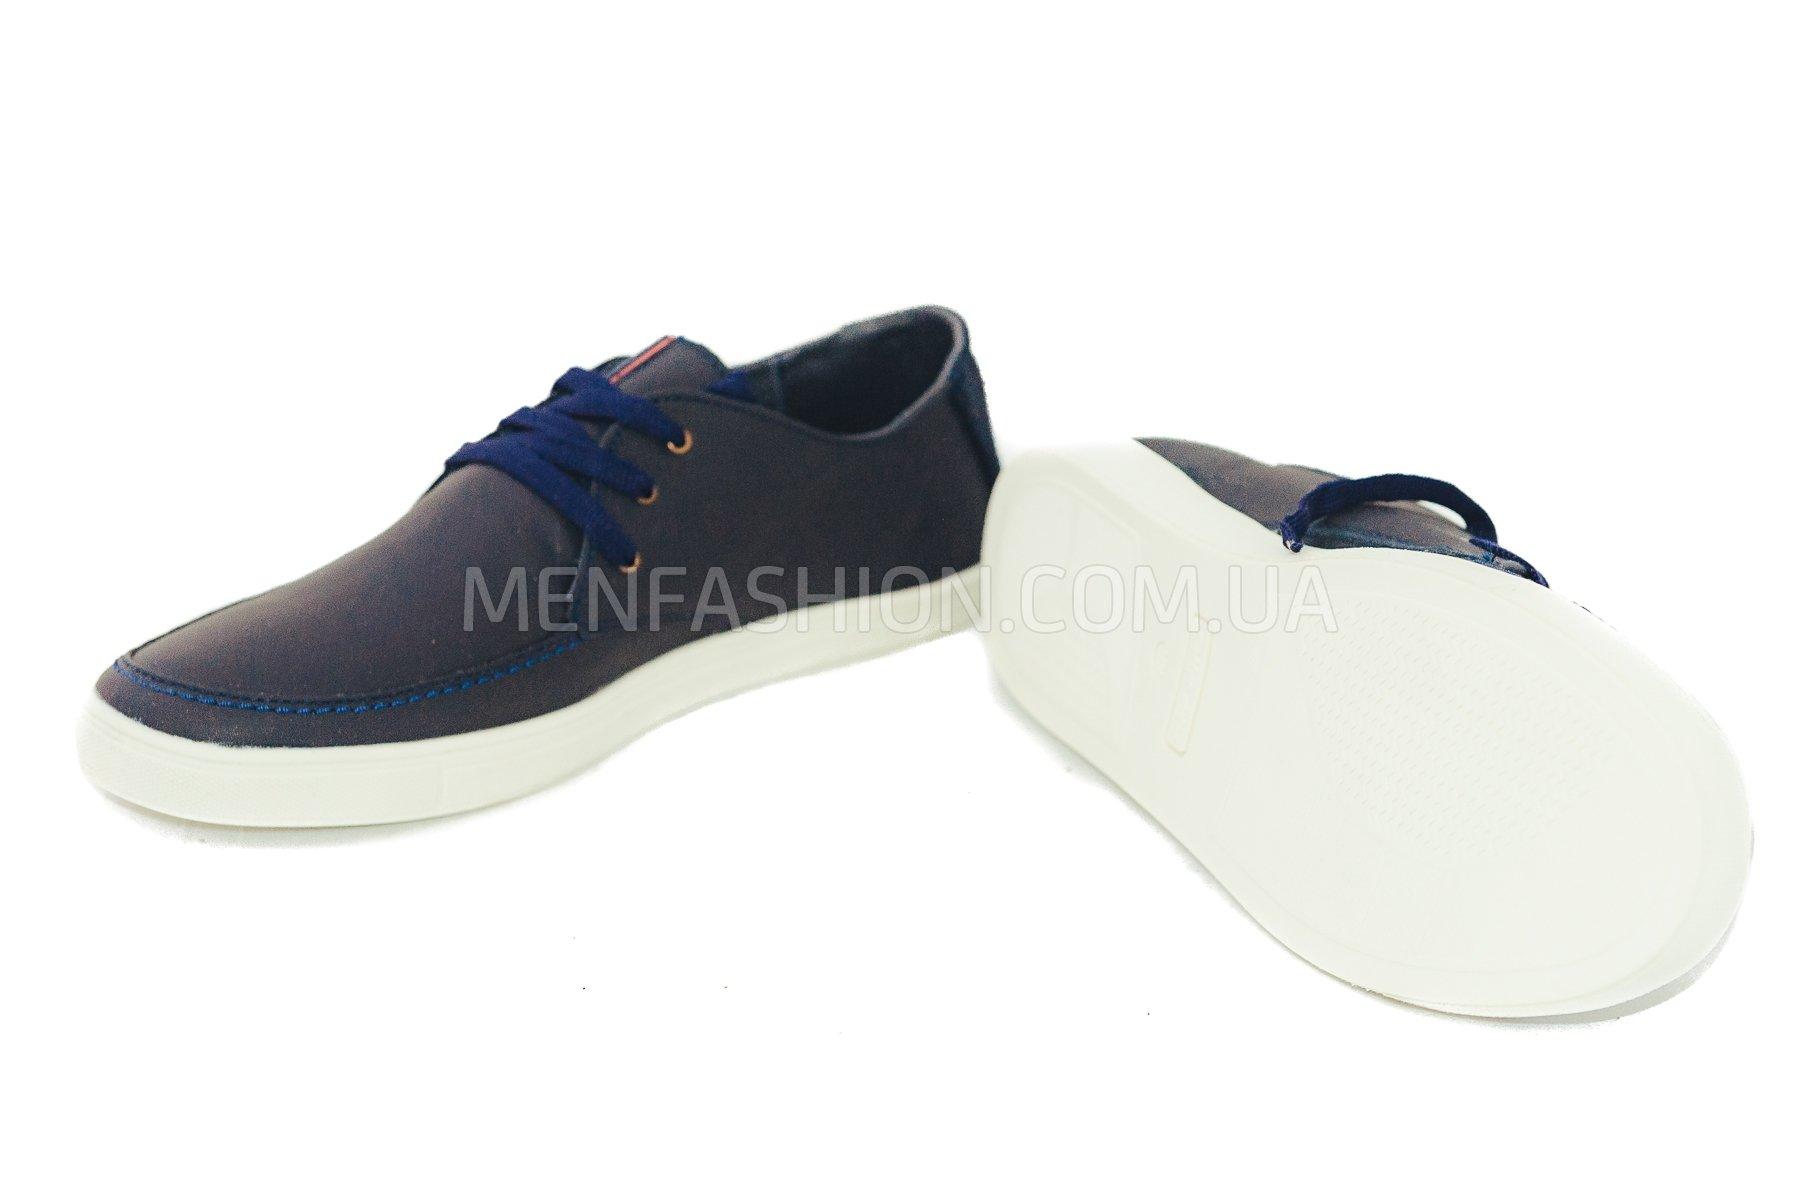 Копии брендовой обуви оптом из китая